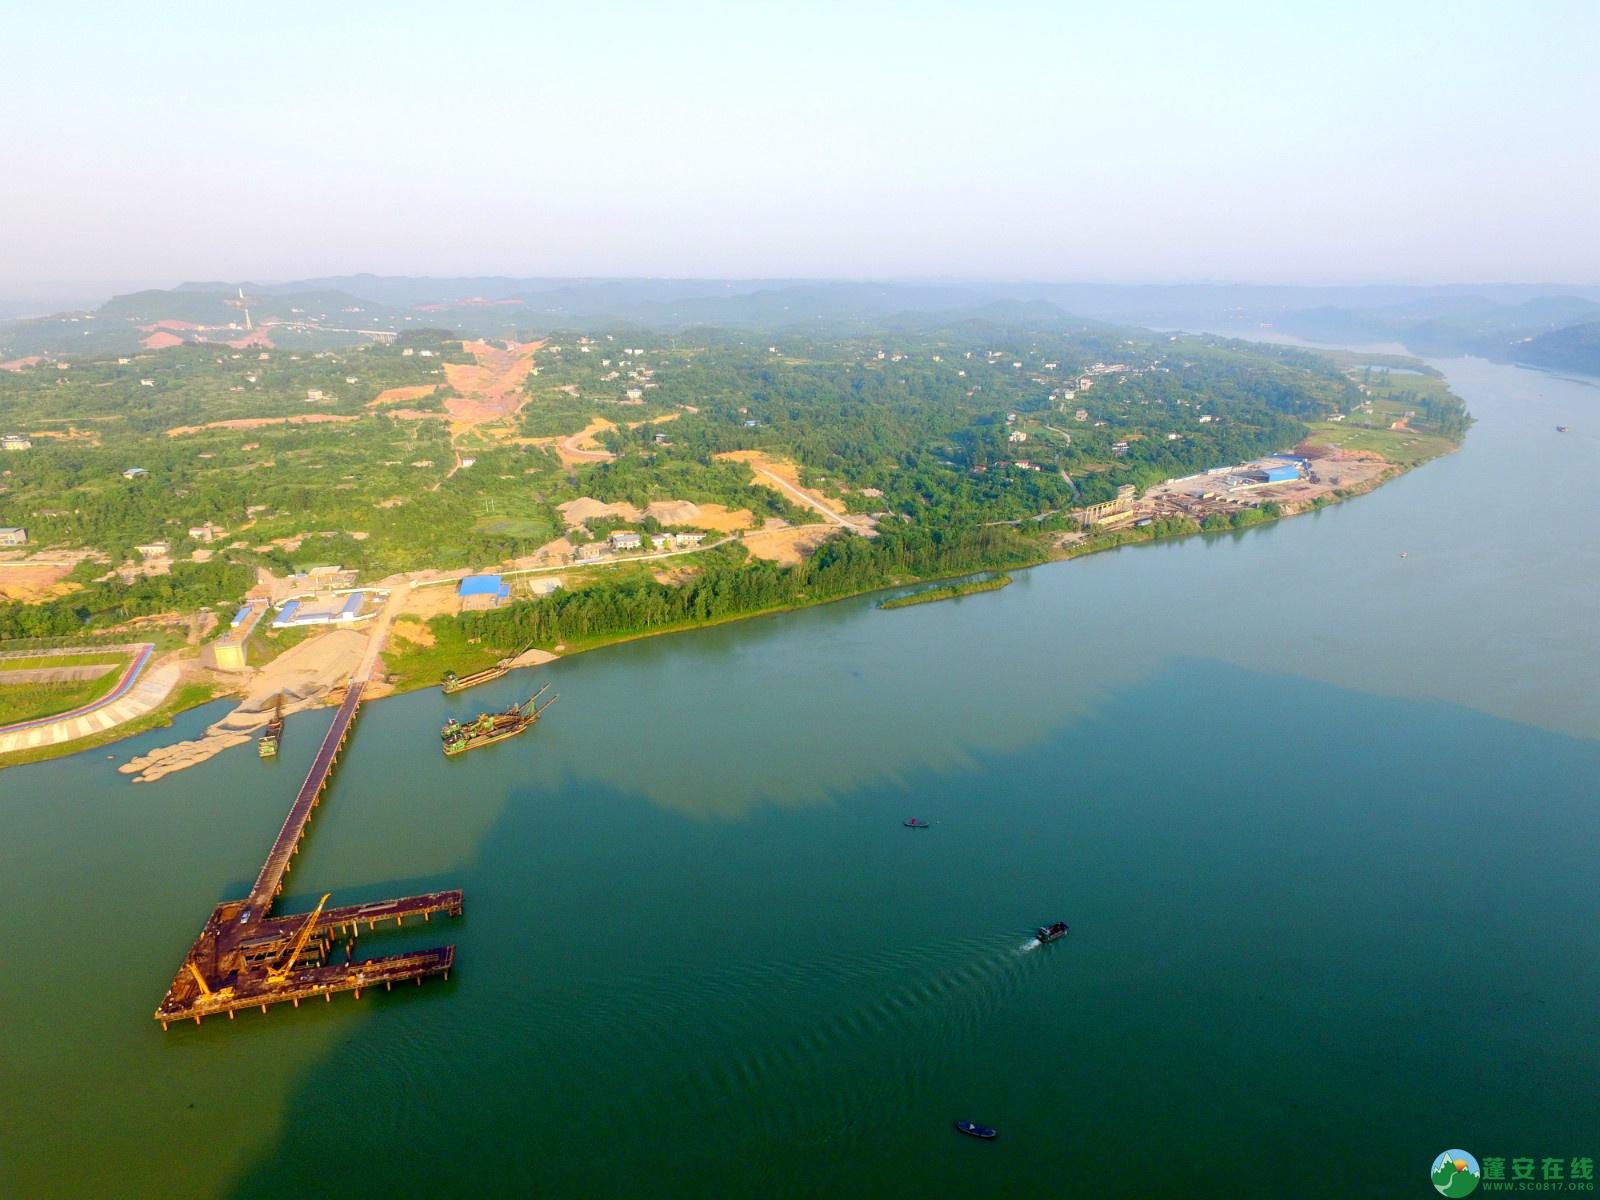 蓬安绕城北路锦屏段、凤凰大桥西延线最新进展!(2019.11.1) - 第6张  | 蓬安在线